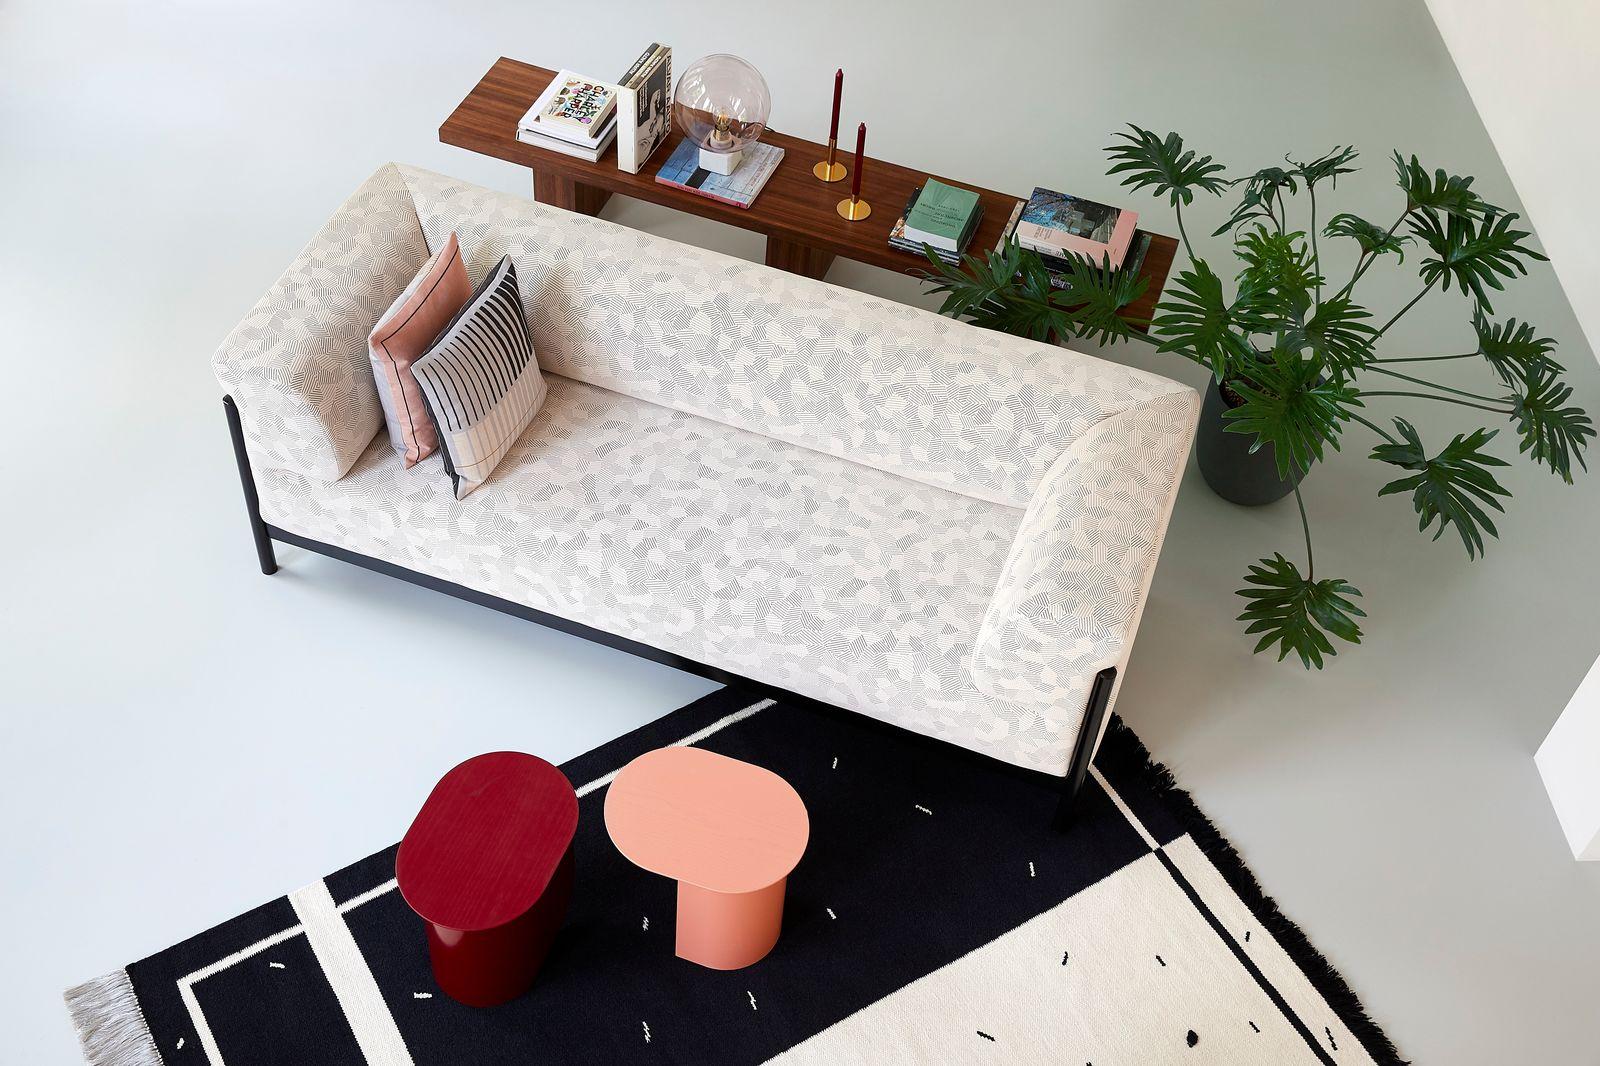 fest amsterdam design made in the netherlands m bel. Black Bedroom Furniture Sets. Home Design Ideas